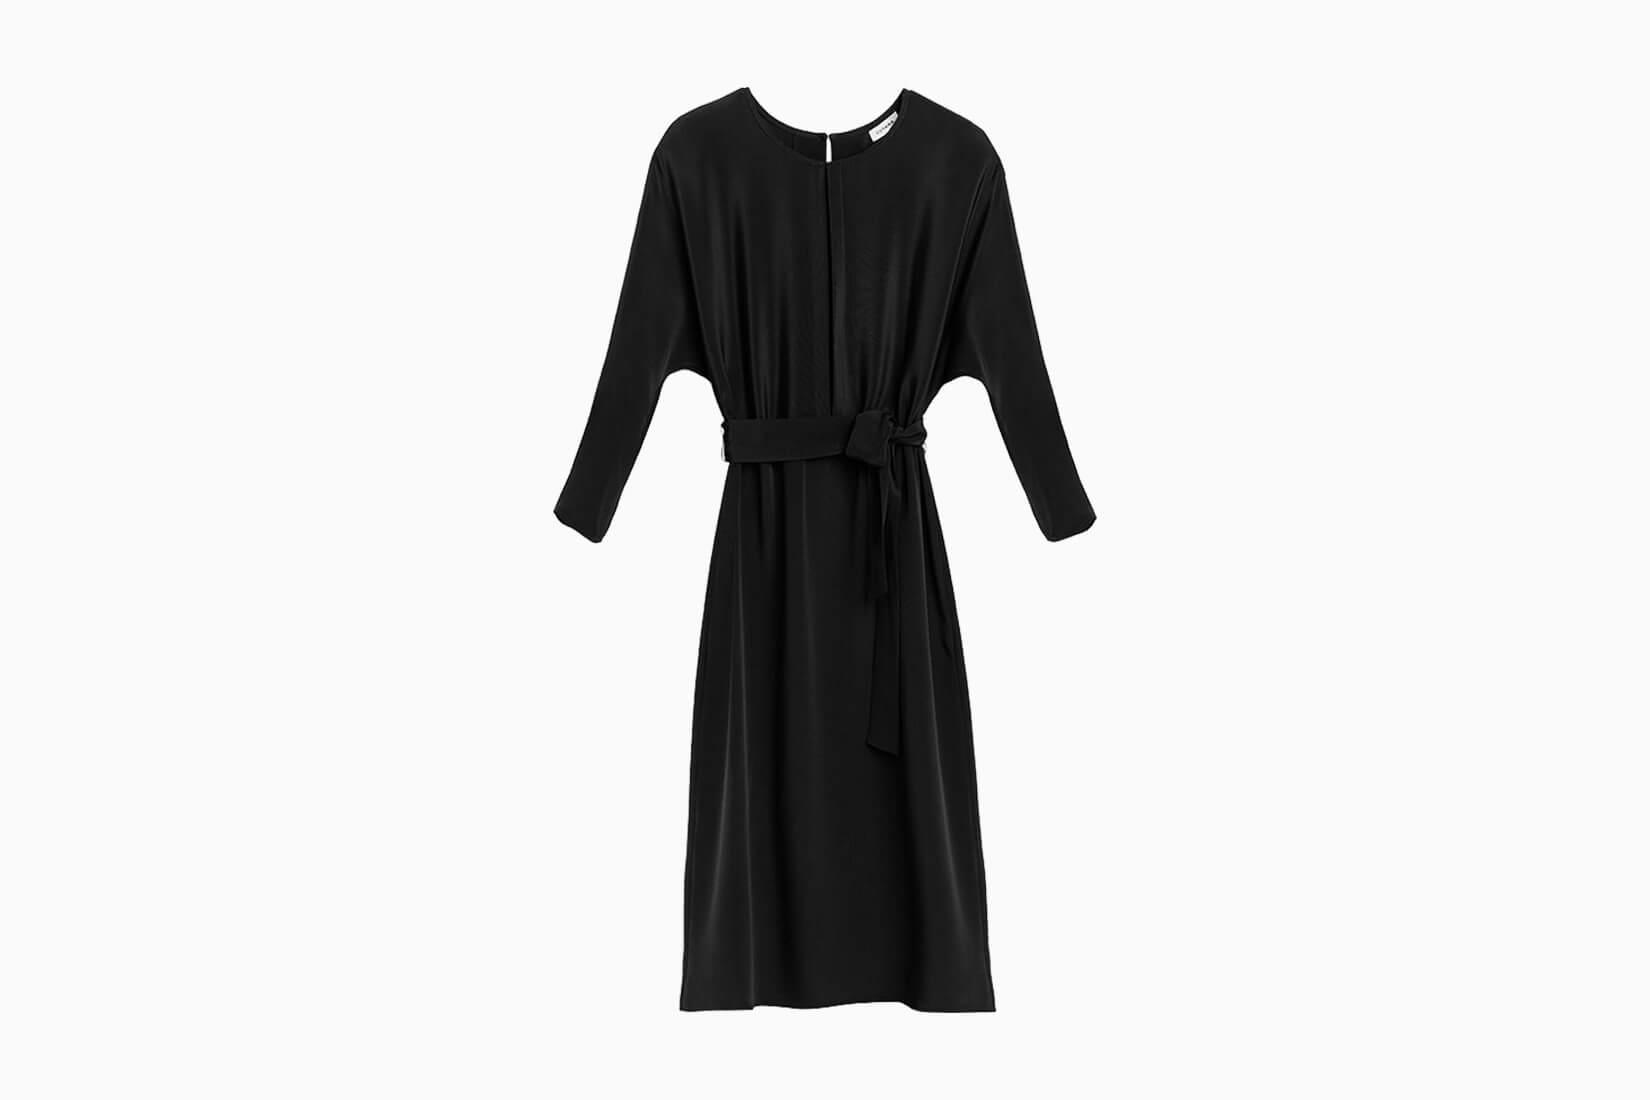 best little black dresses cuyana silk - Luxe Digital